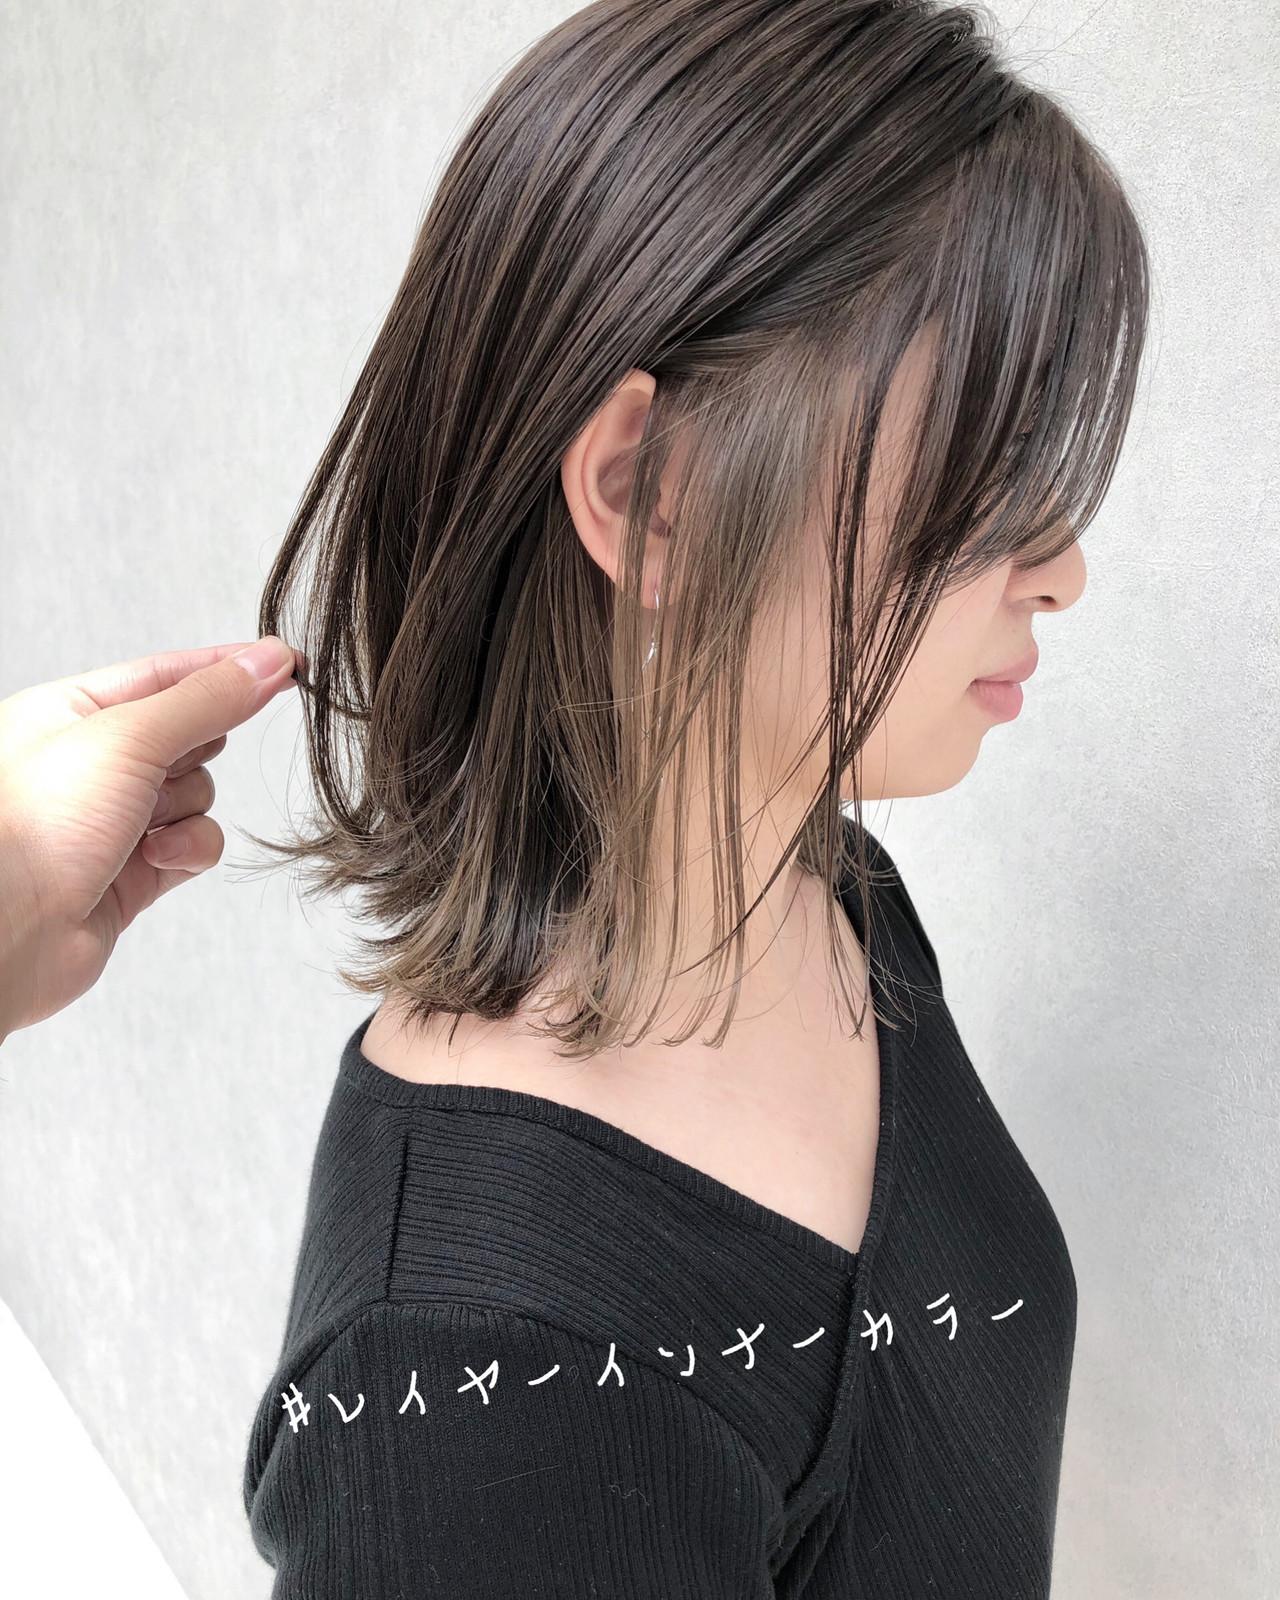 ナチュラル ミディアム インナーカラー ウルフカット ヘアスタイルや髪型の写真・画像 | 北村 亮 / Lano by HAIR